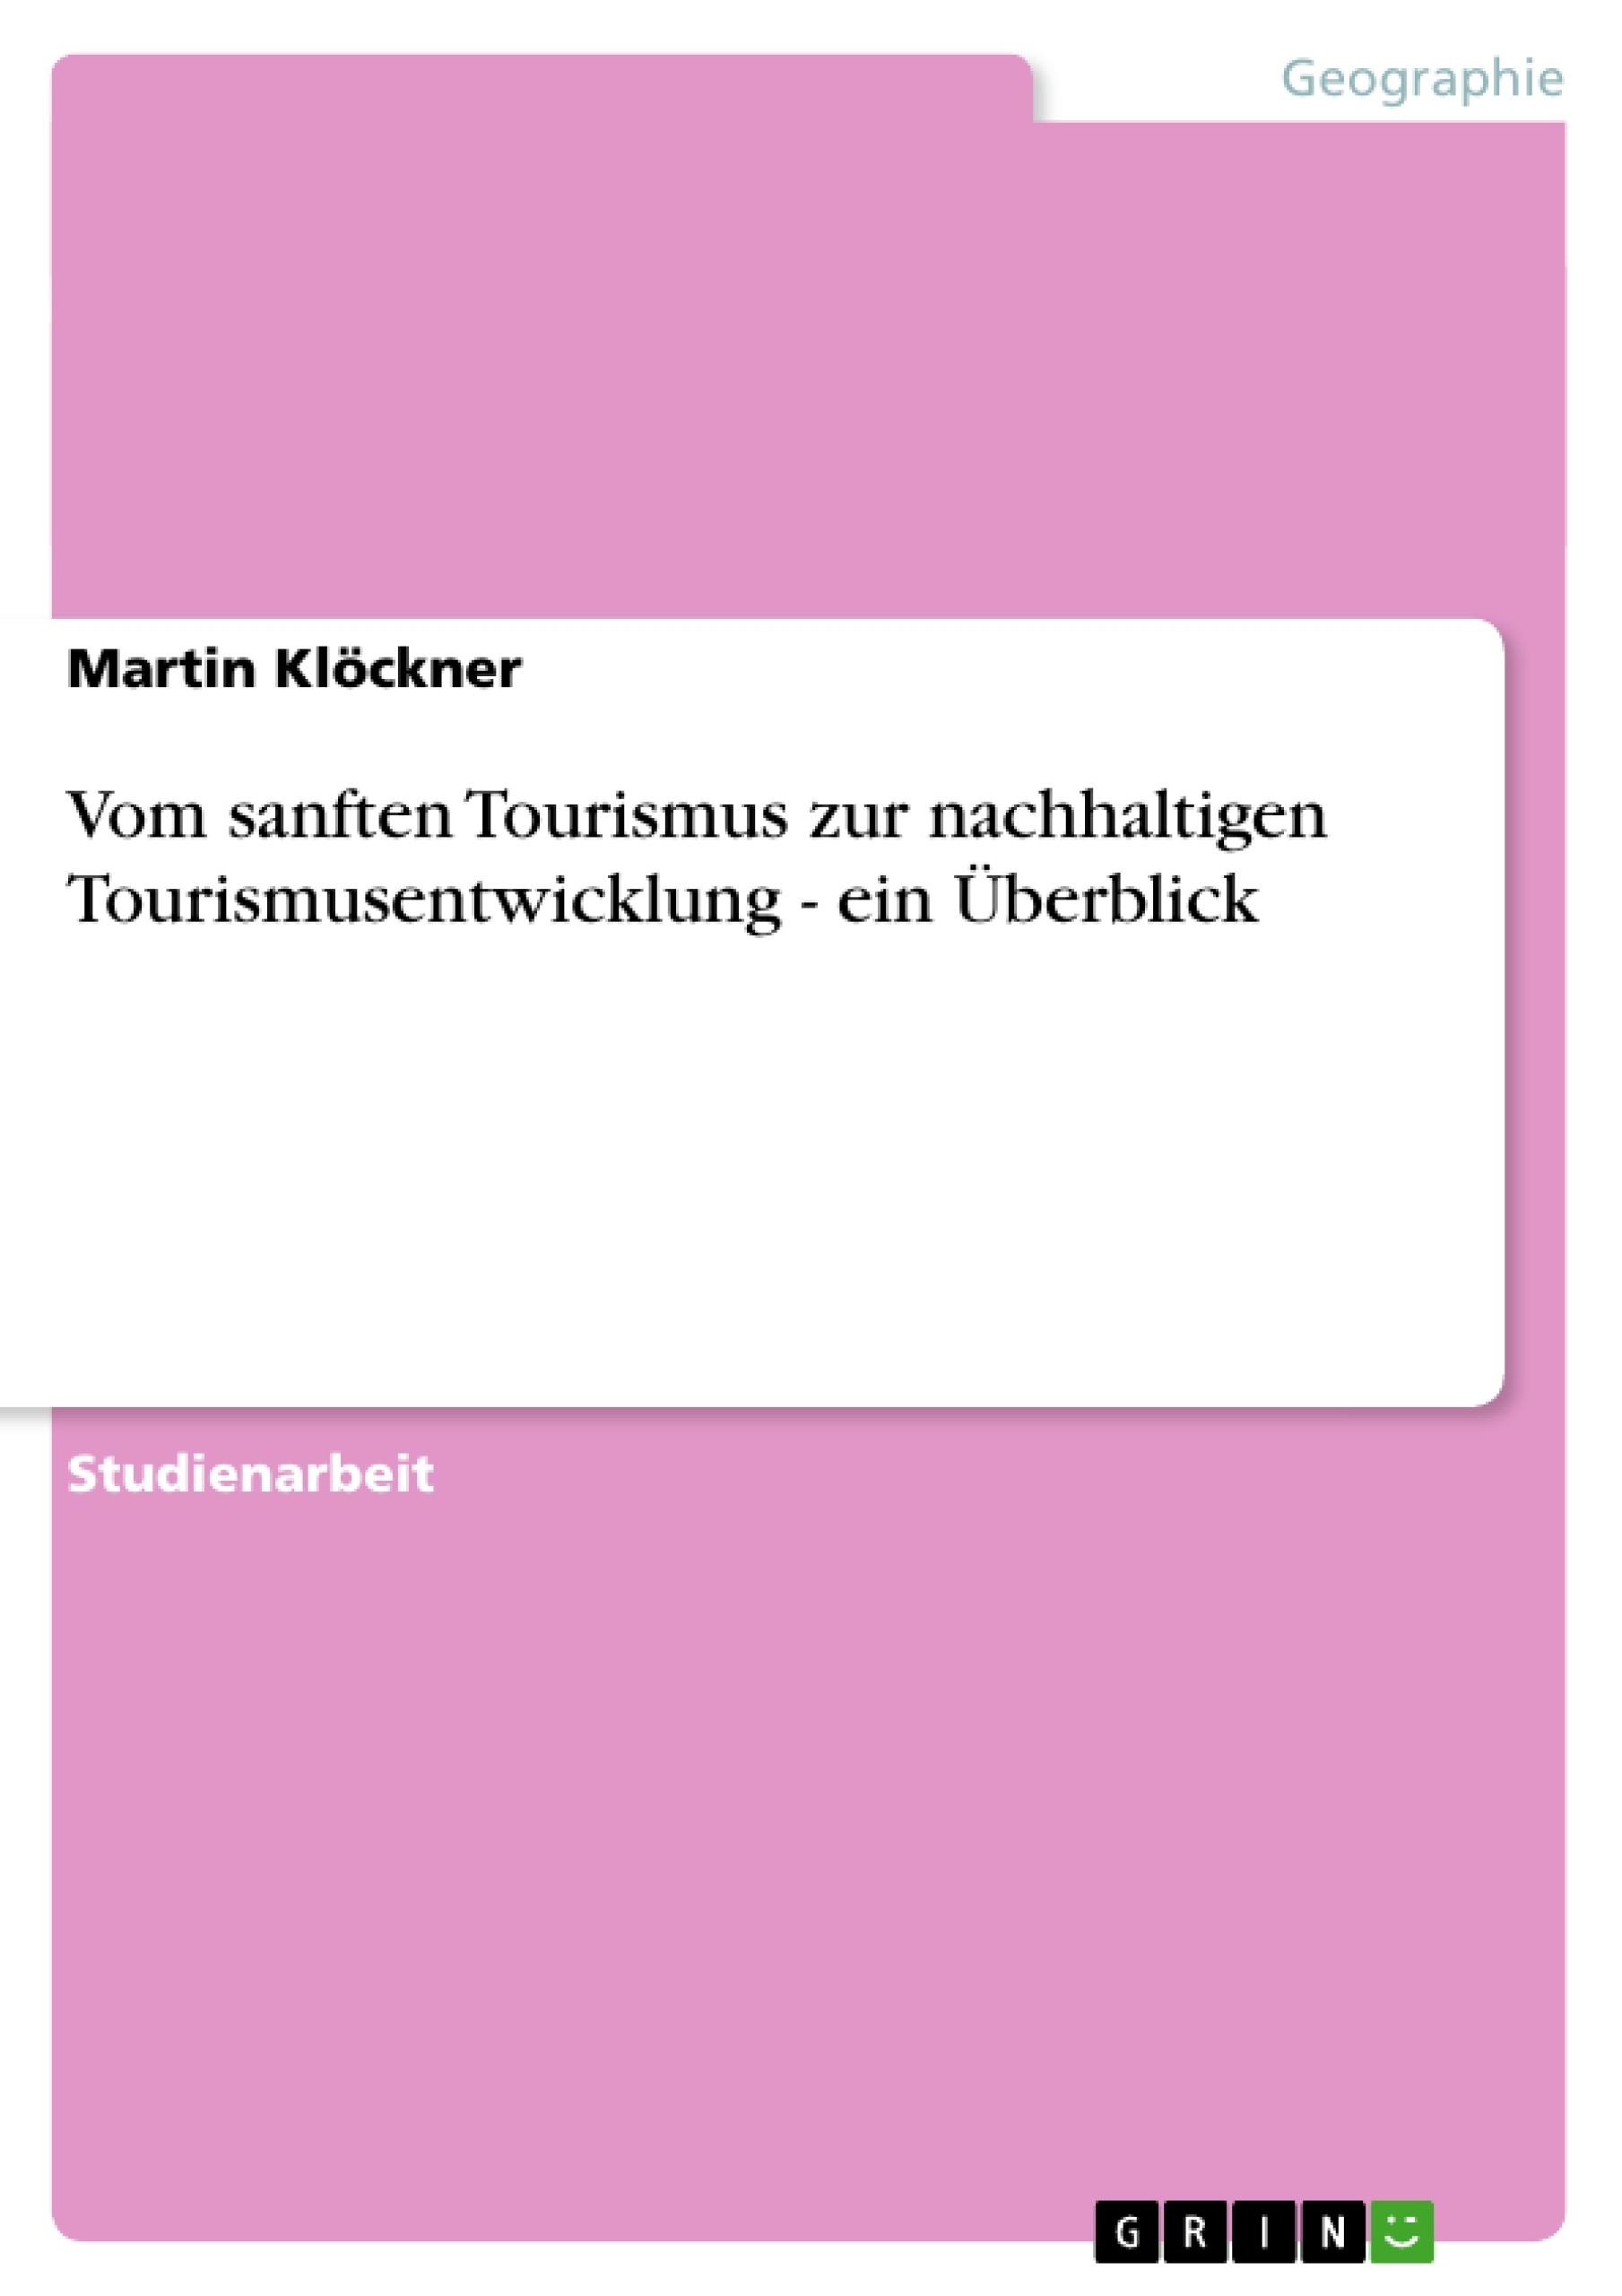 Titel: Vom sanften Tourismus zur nachhaltigen Tourismusentwicklung - ein Überblick